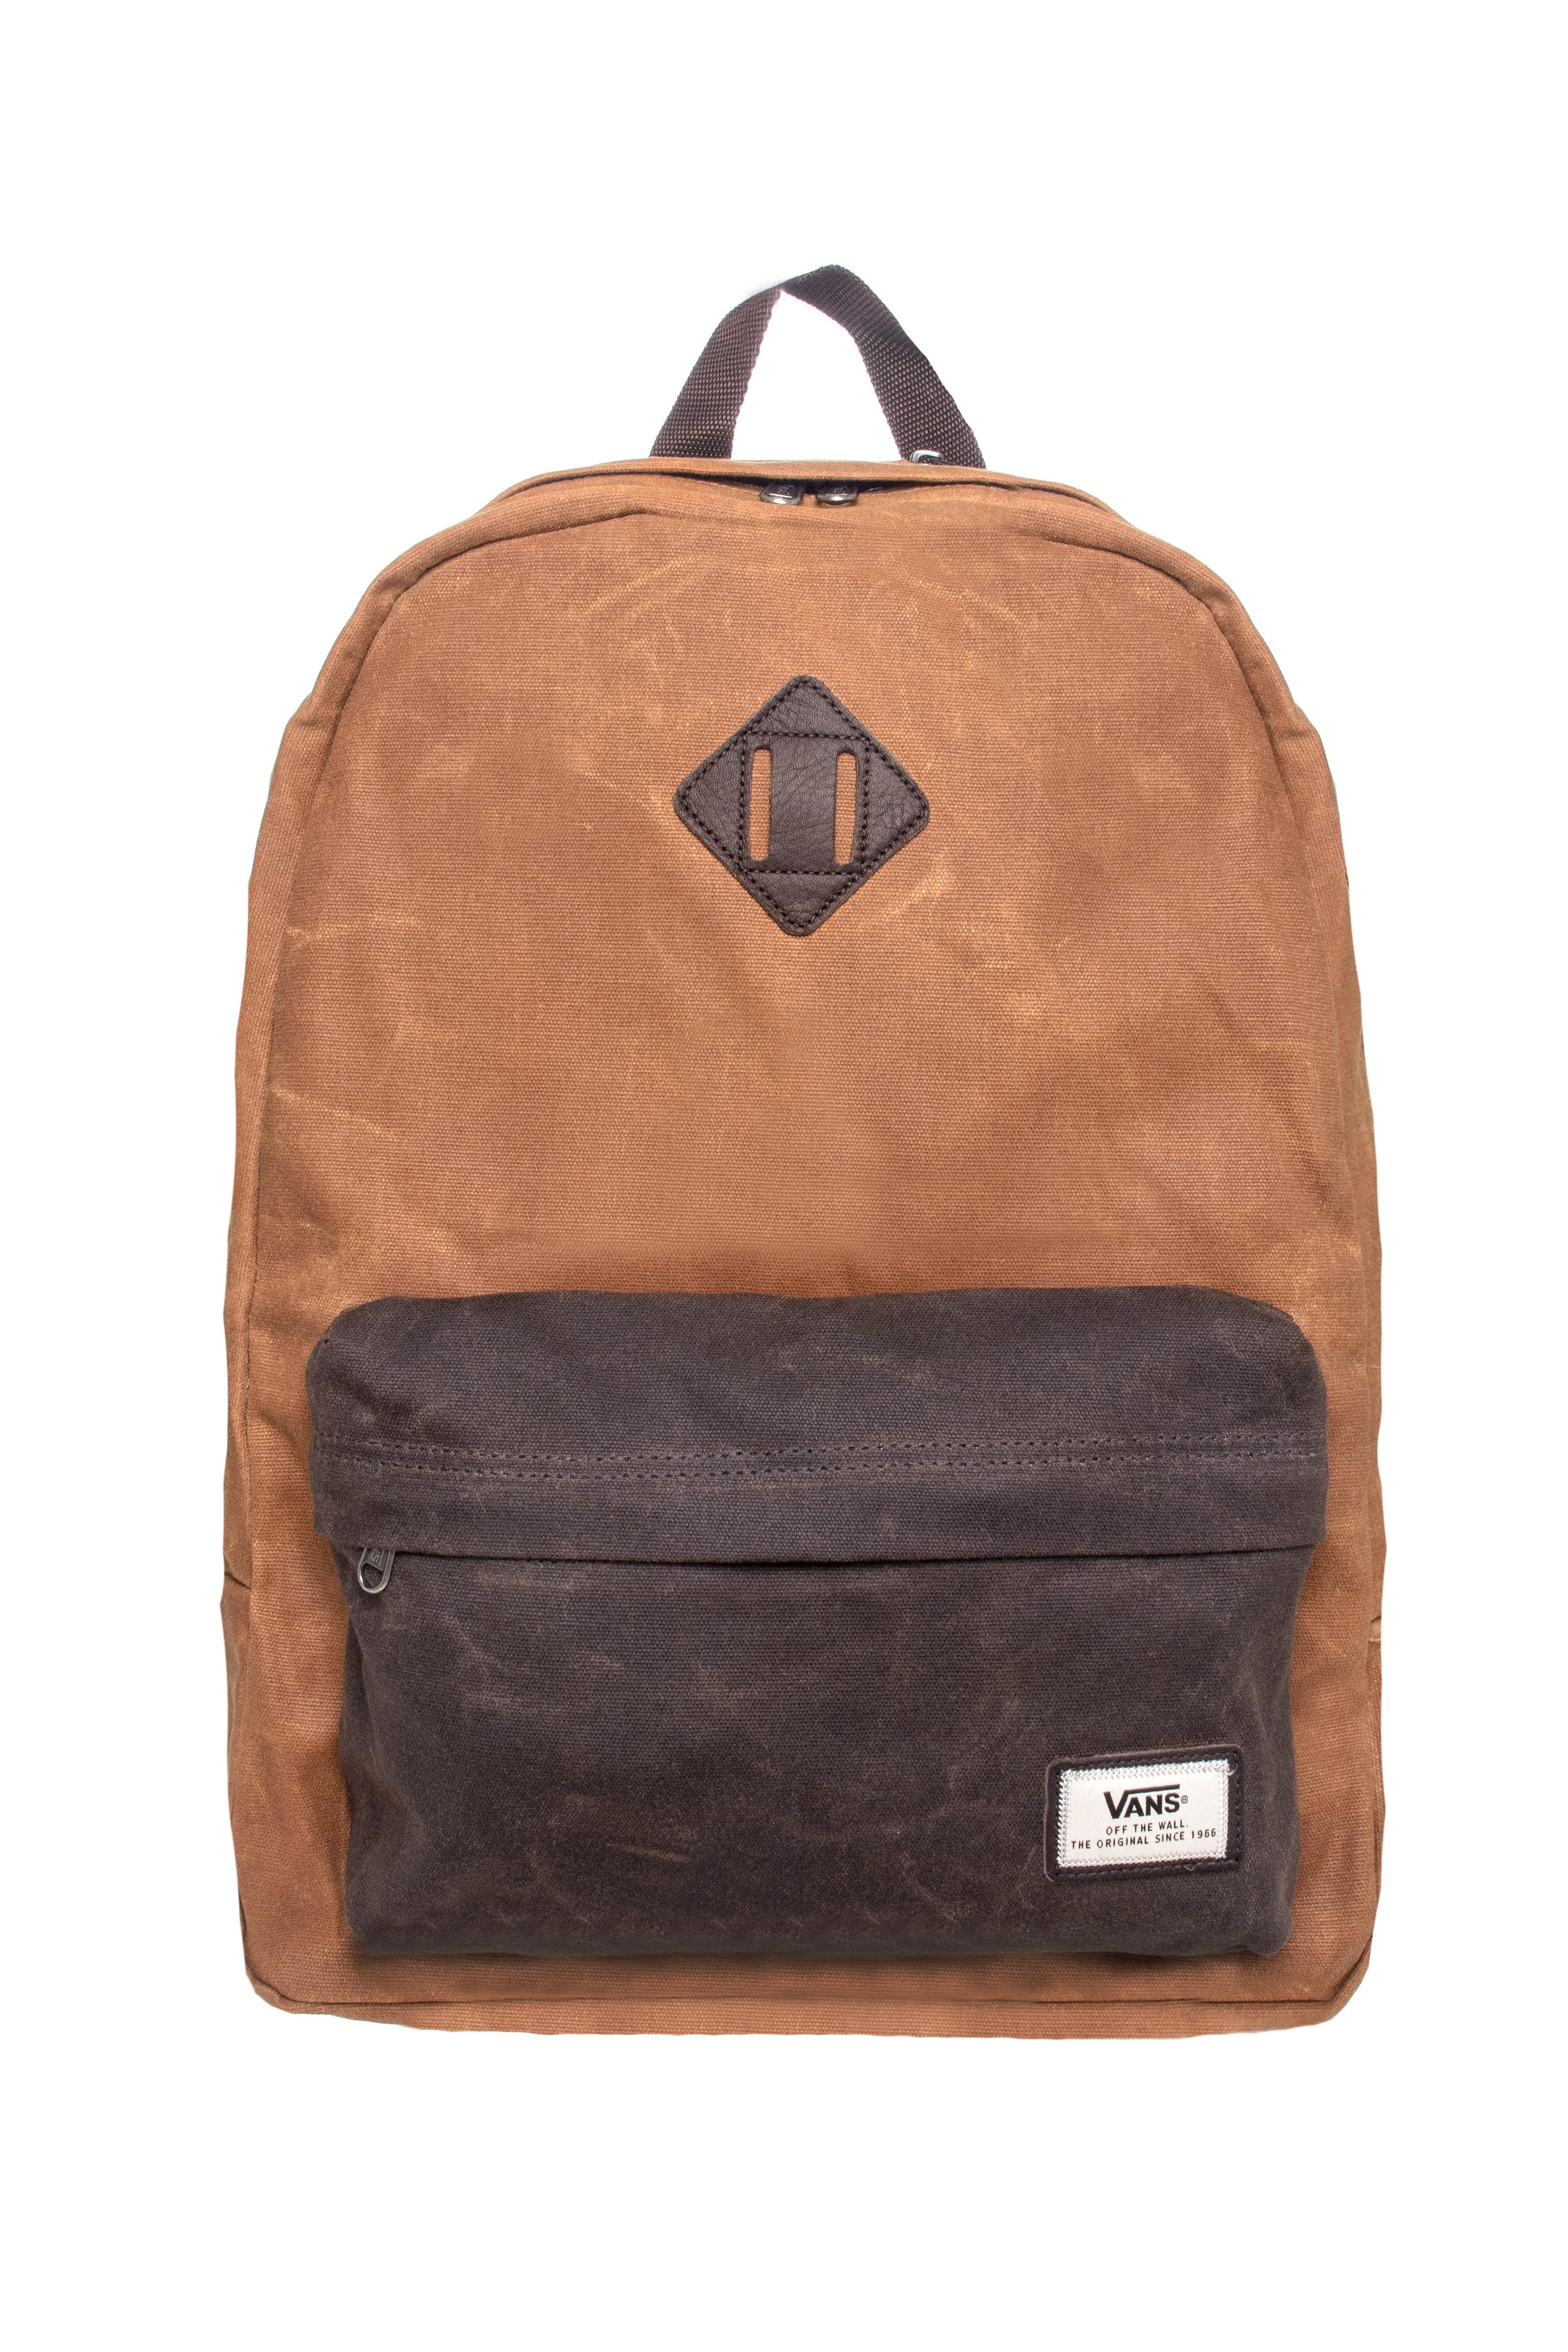 Vans Unisex Old Skool Plus Backpack